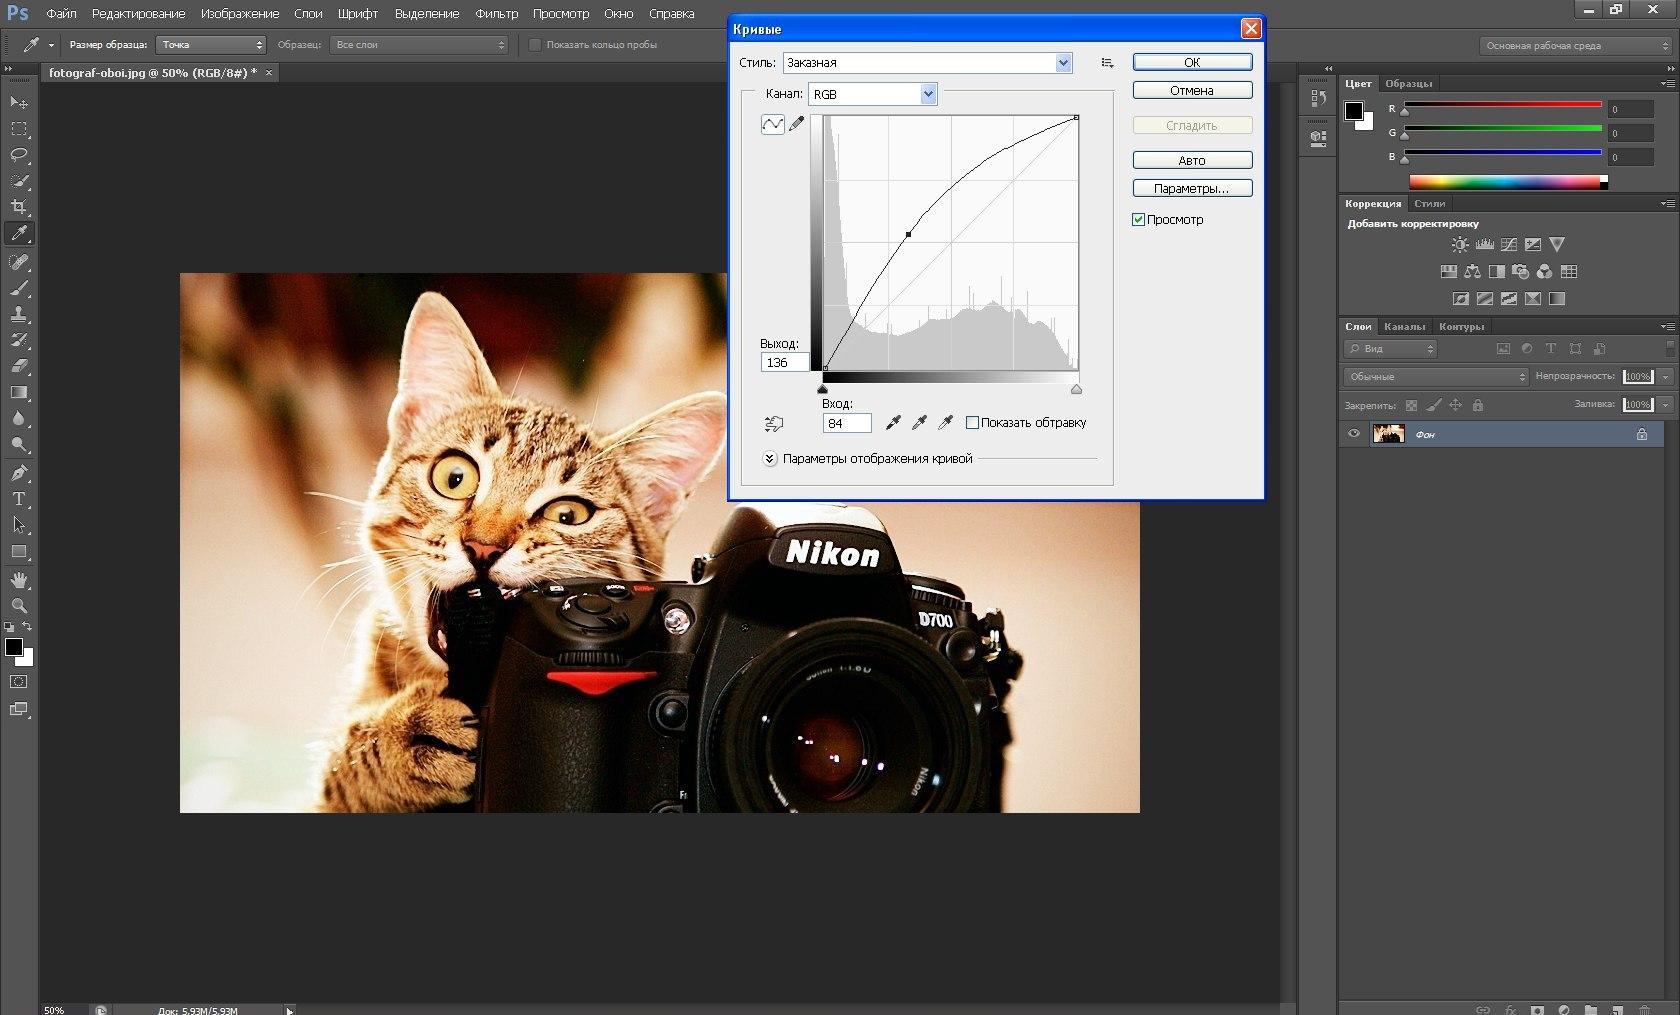 Верстка веб-сайта: как в html сделать фон картинкой 89